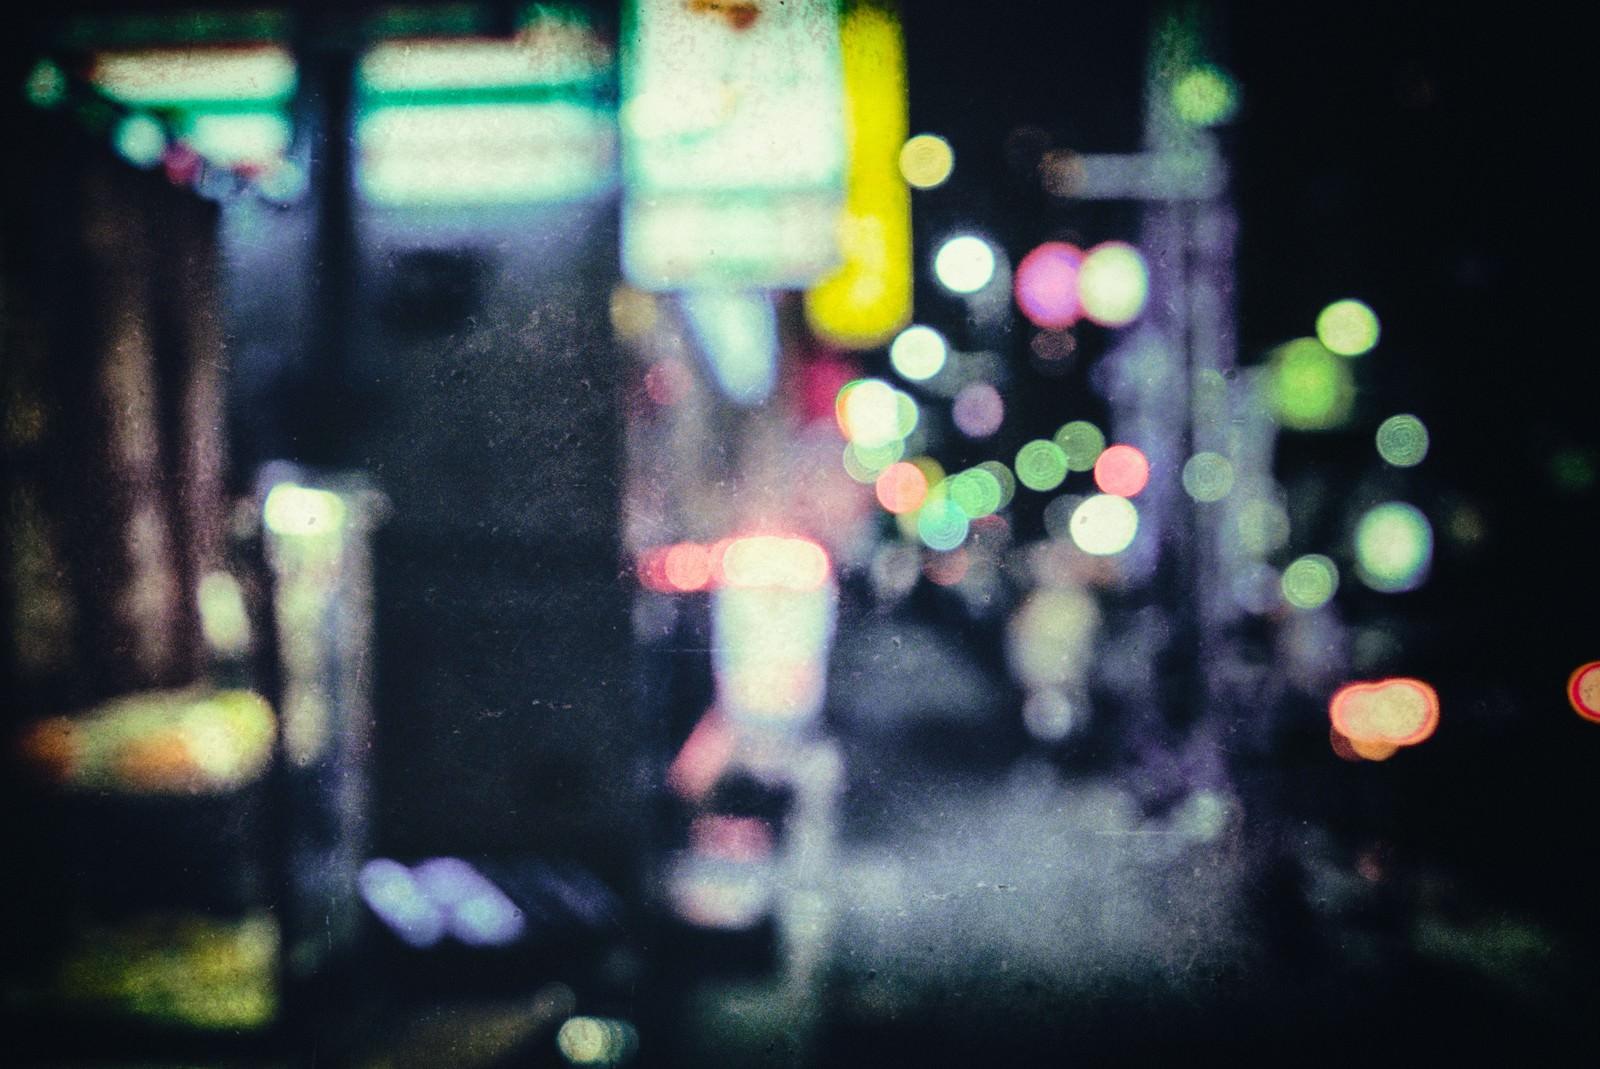 「夜も更けたころ(ボケ)」の写真